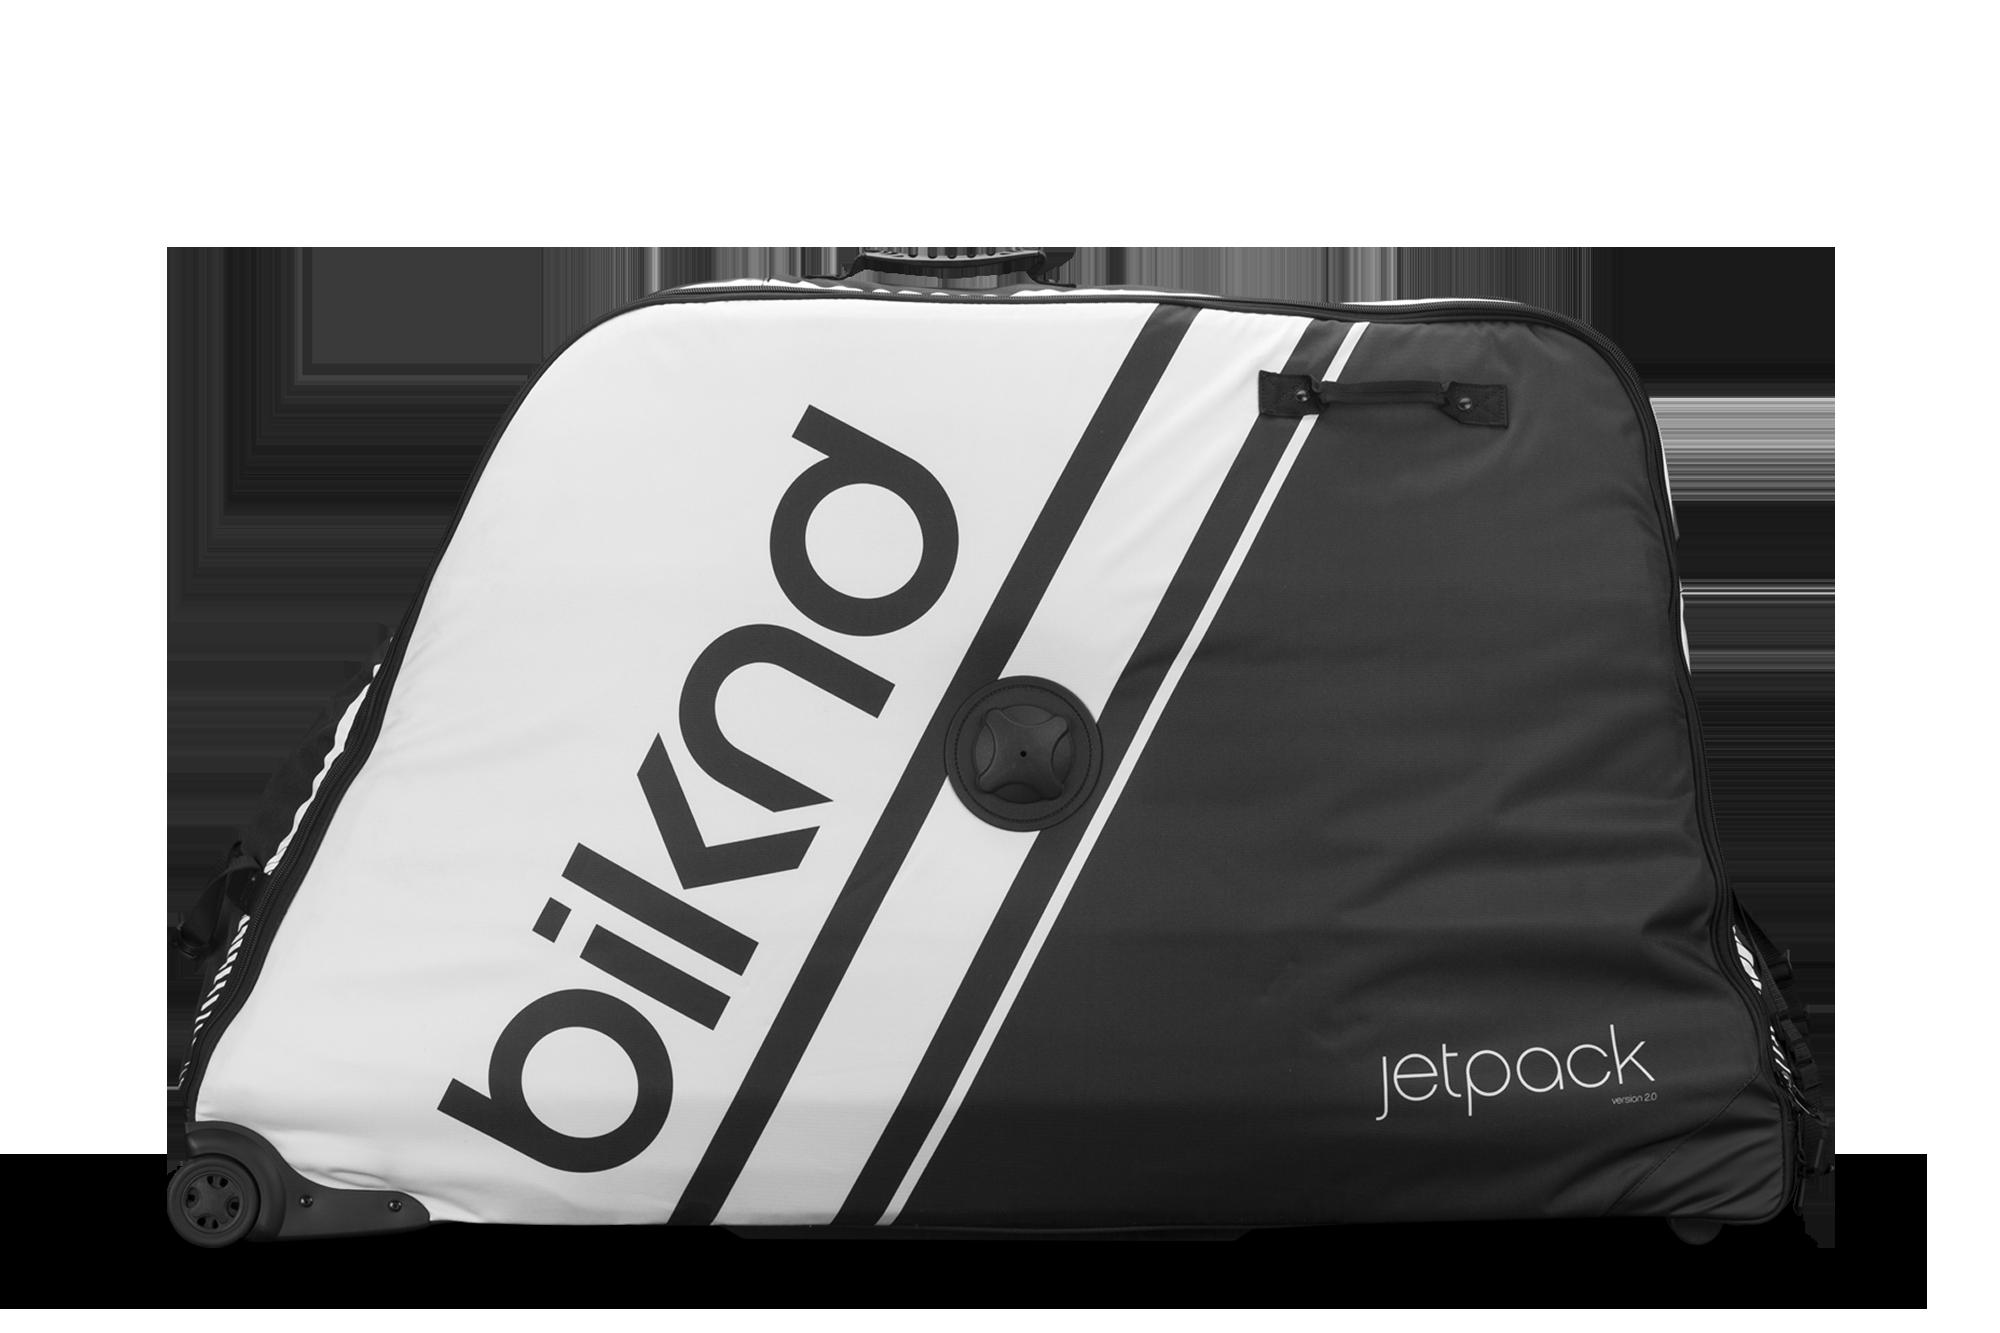 jetpackhomepage1